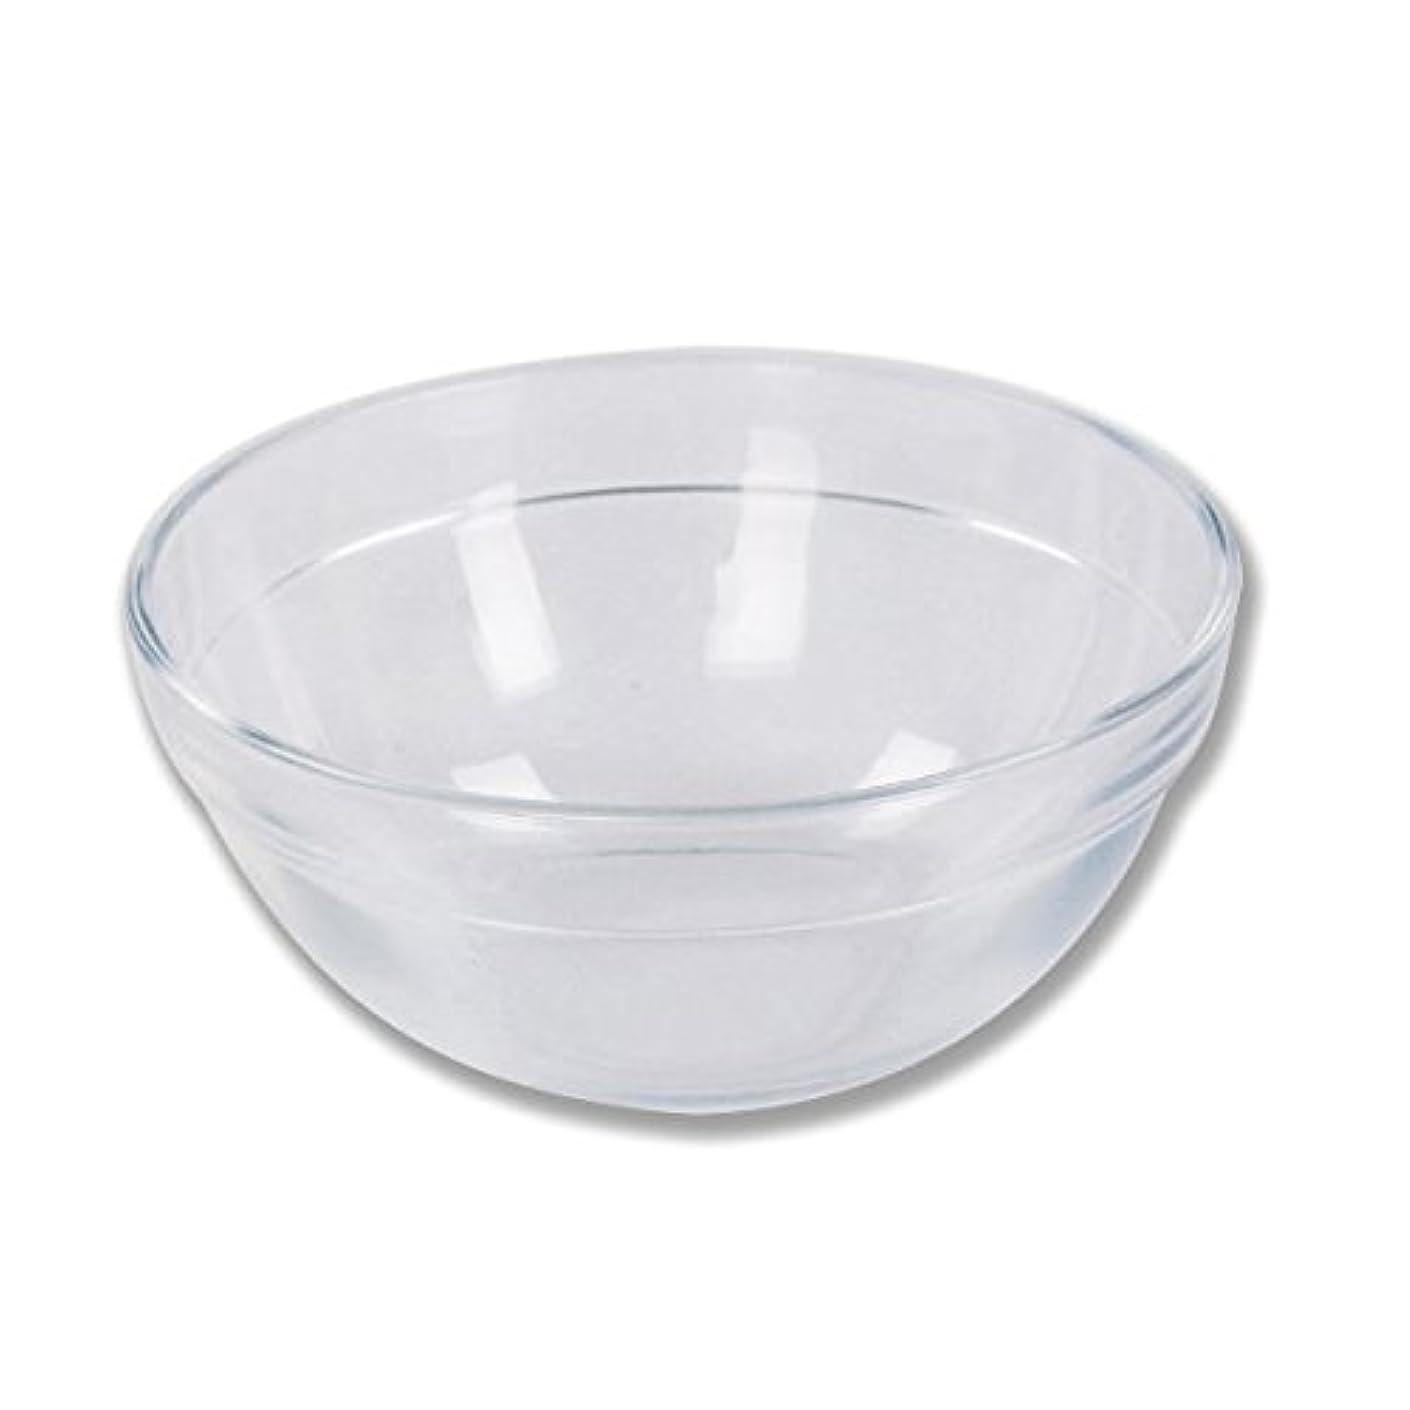 似ている上へ申し立てられたガラスボウル (XLサイズ) [ ガラスボール カップボウル カップボール エステ サロン ガラス ボウル カップ 高級感 ]